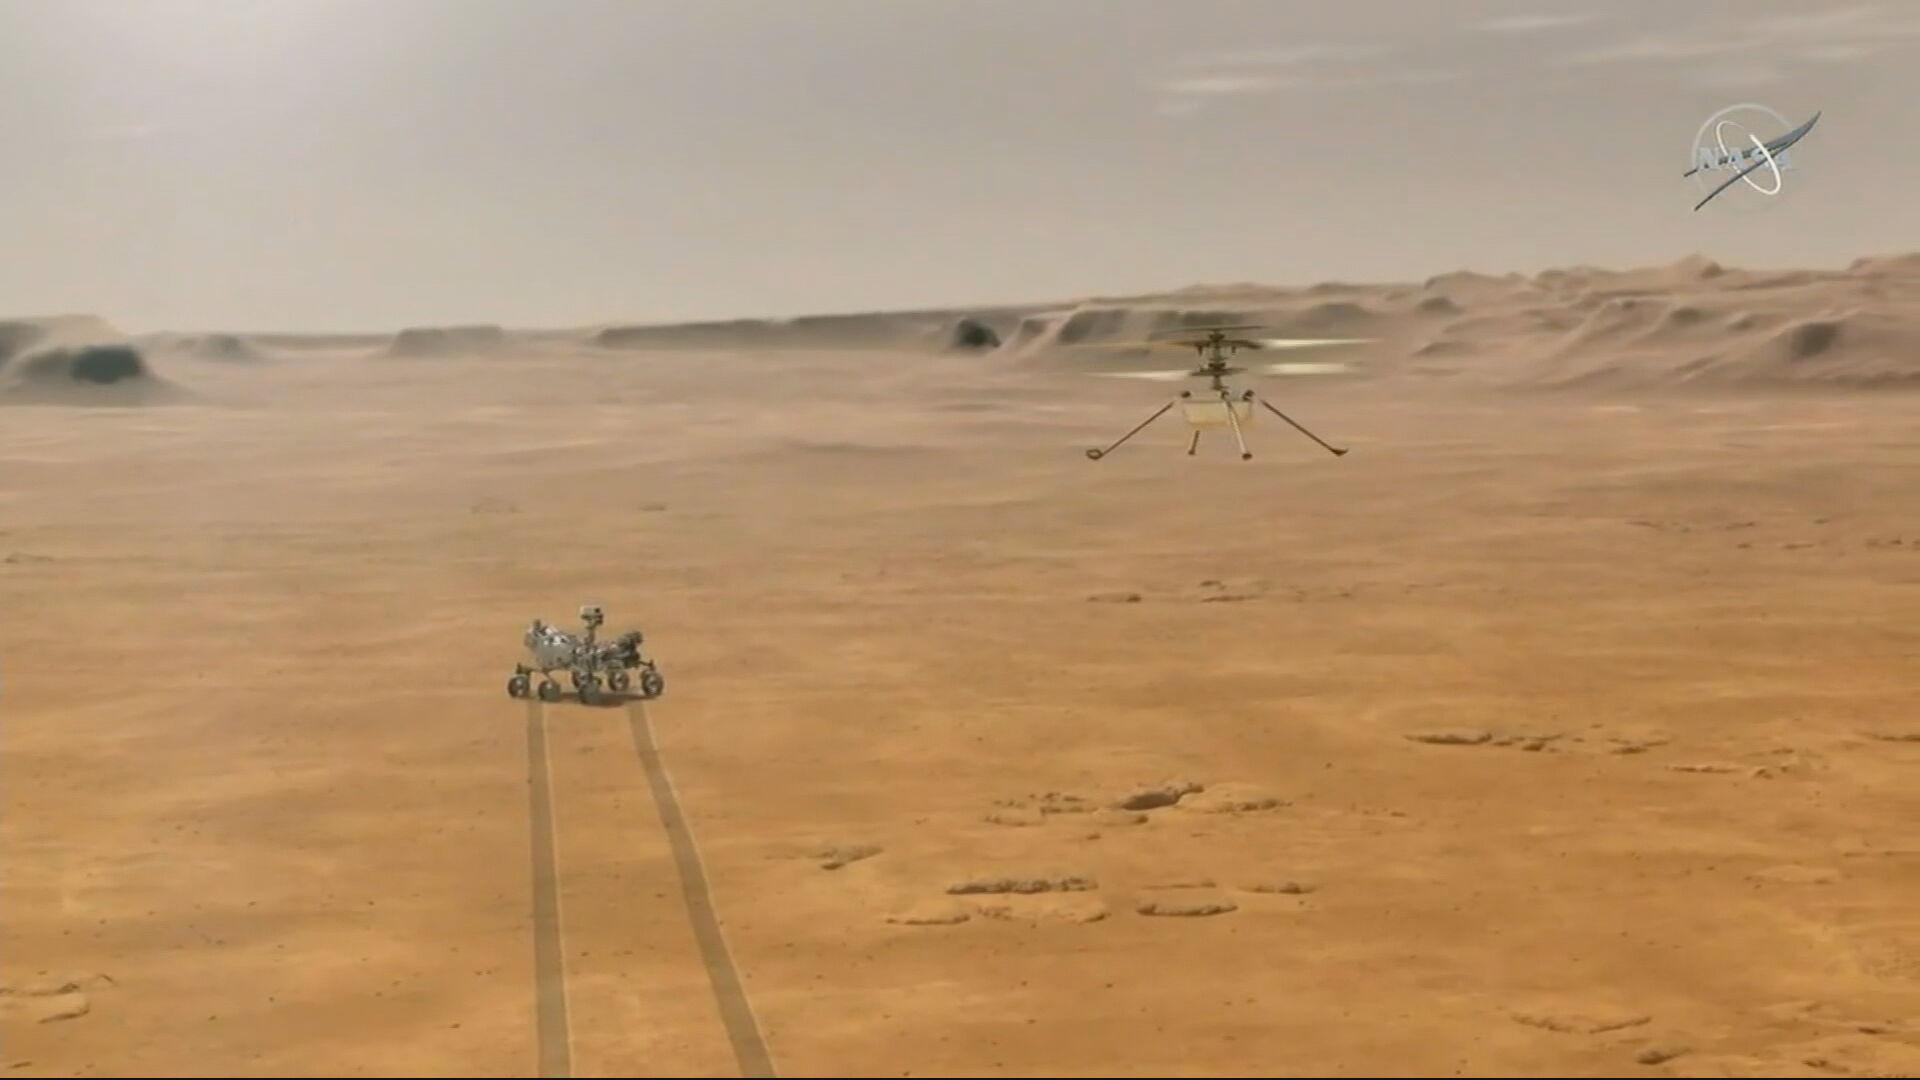 Helicóptero Ingenuity, da Nasa, fez primeiro voo sobre Marte nesta segunda-feira